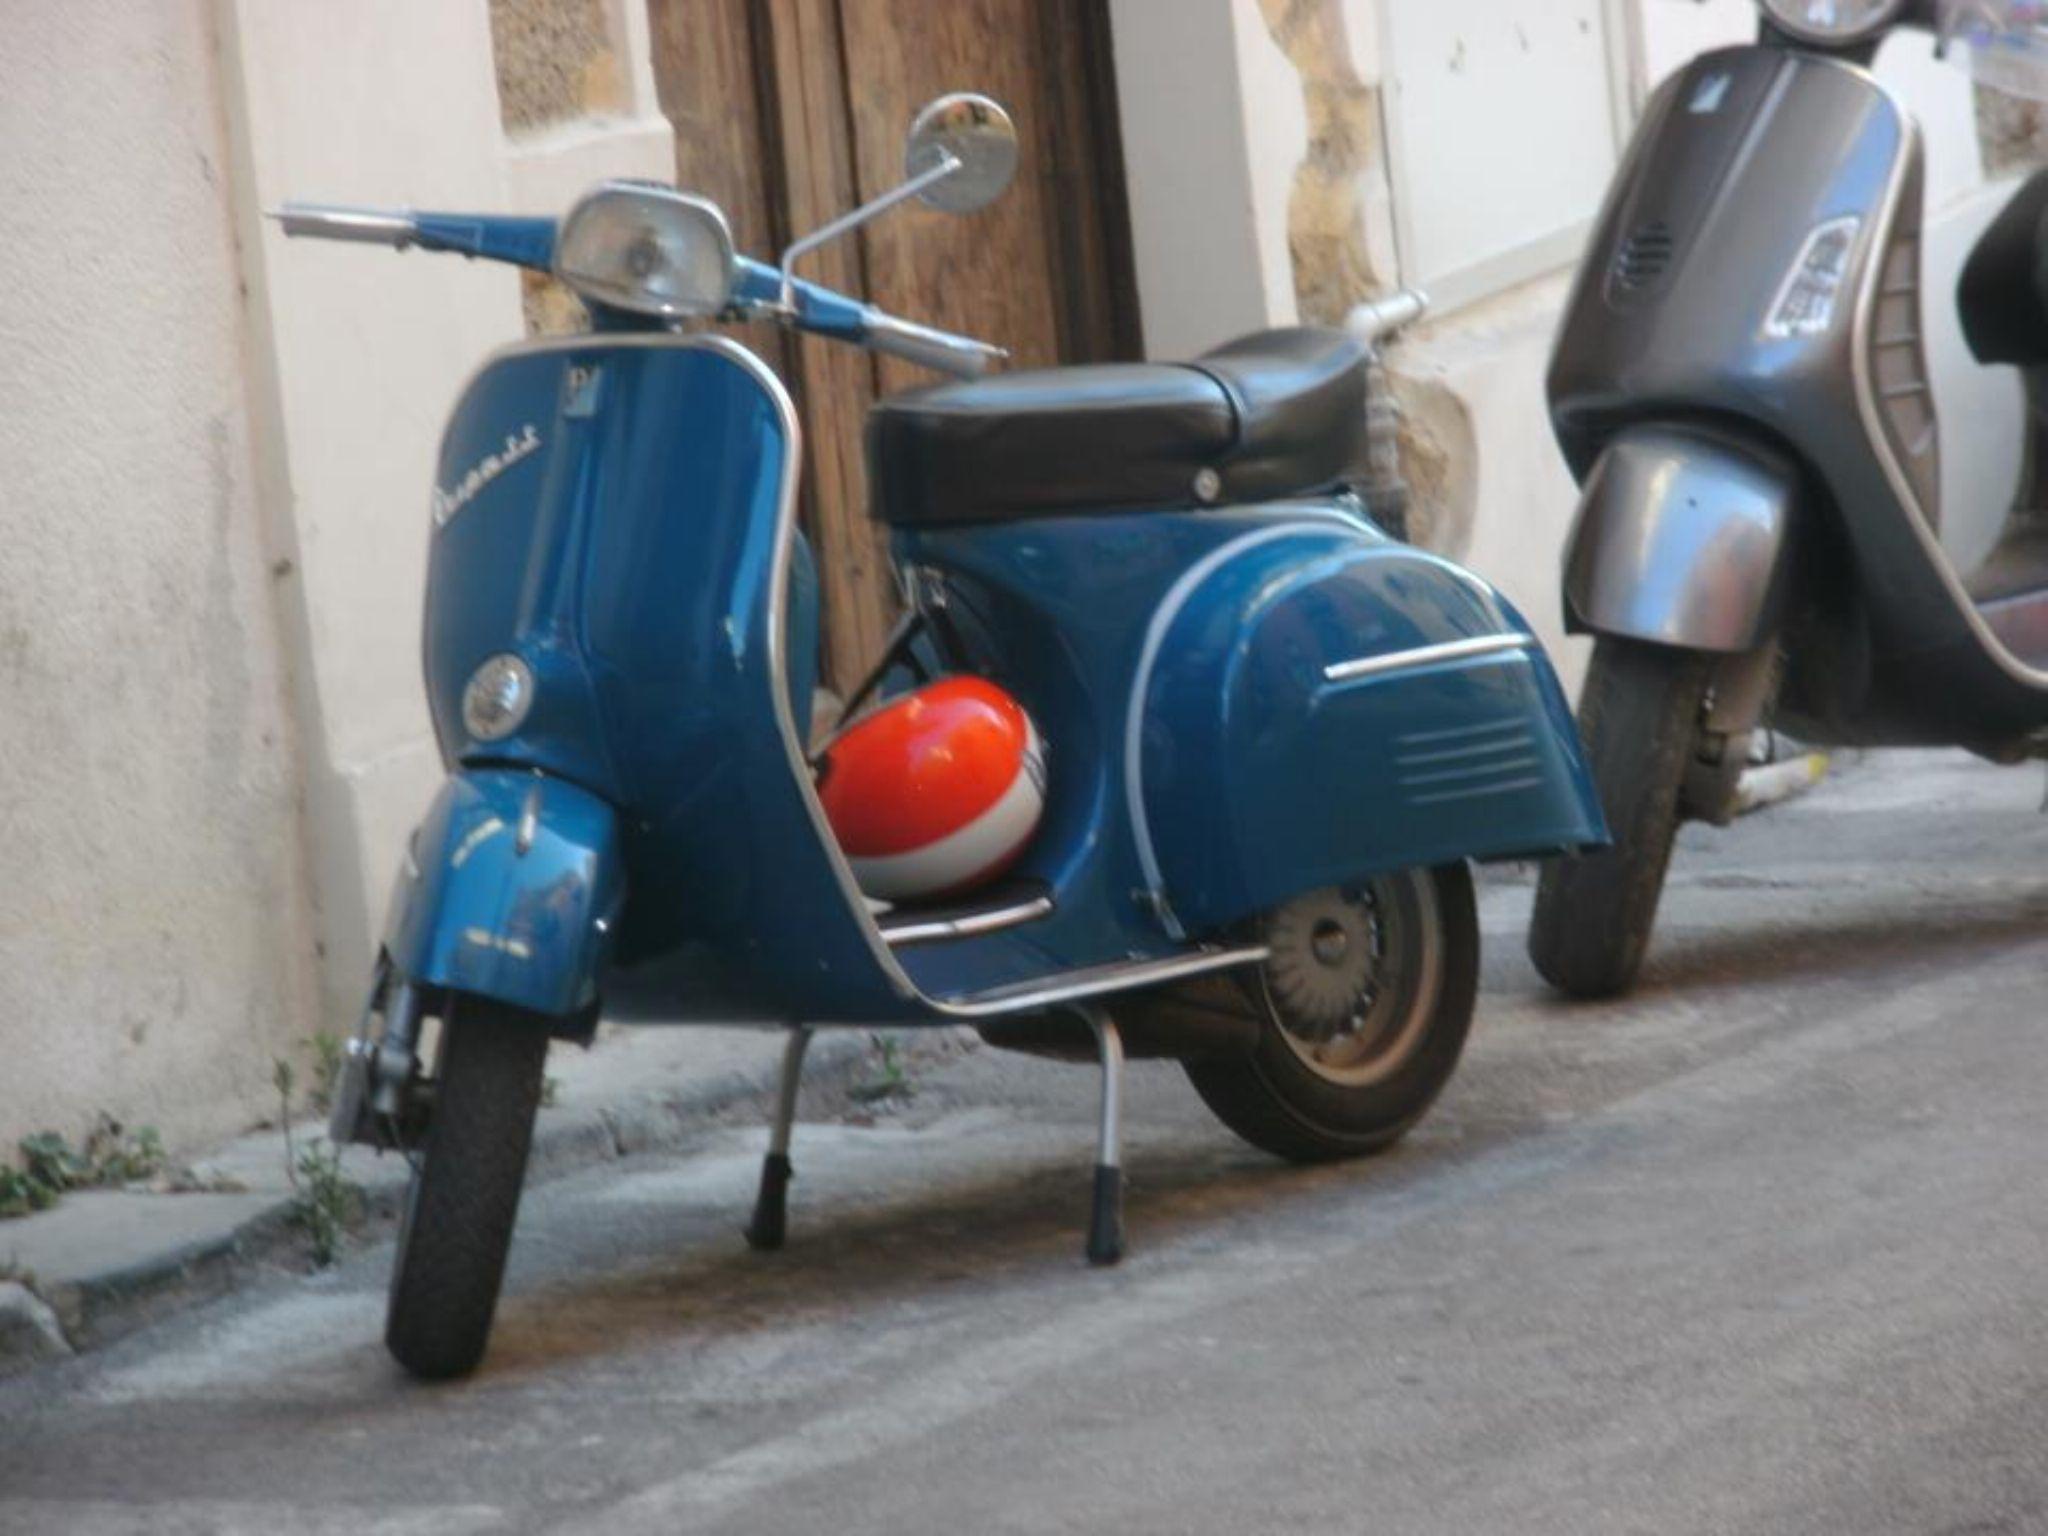 Via Pietro Geraldi. by Giuseppe Abruzzo